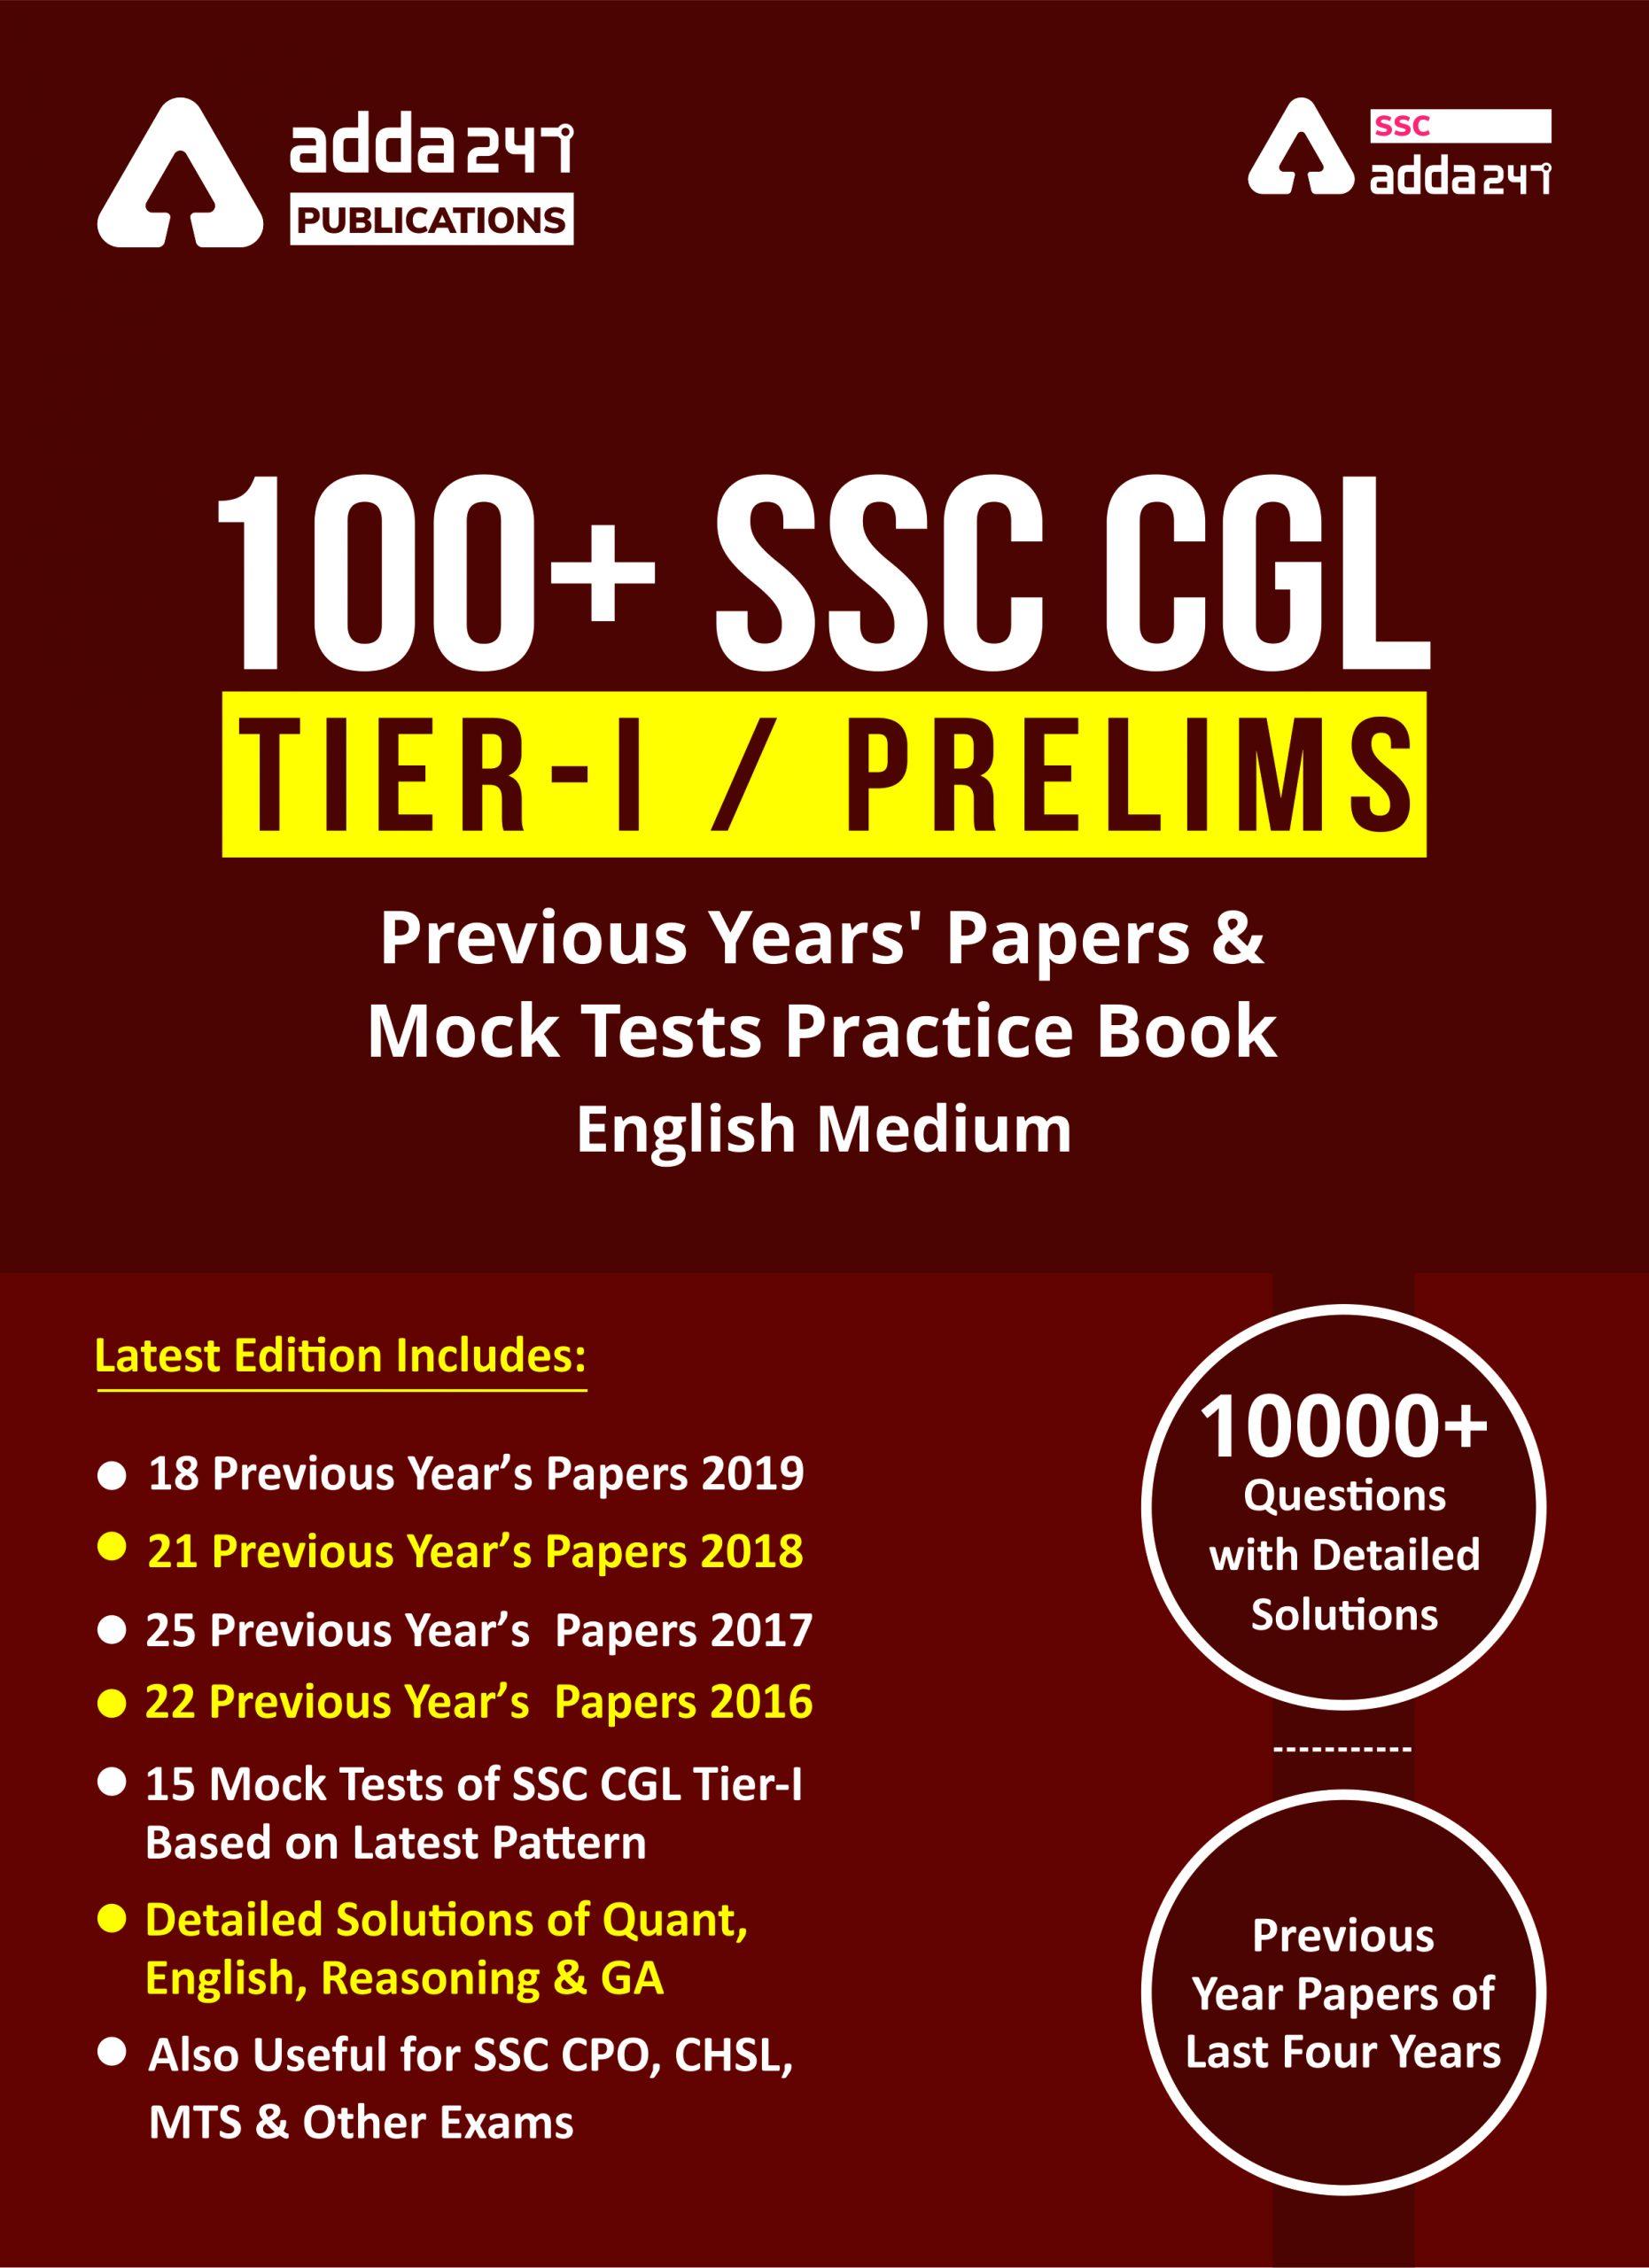 टियर- I के पिछले वर्ष के प्रश्न पत्रों के लिए SSC CGL पुस्तकें   जानें क्या हैं Adda247 की book की खासियत_50.1